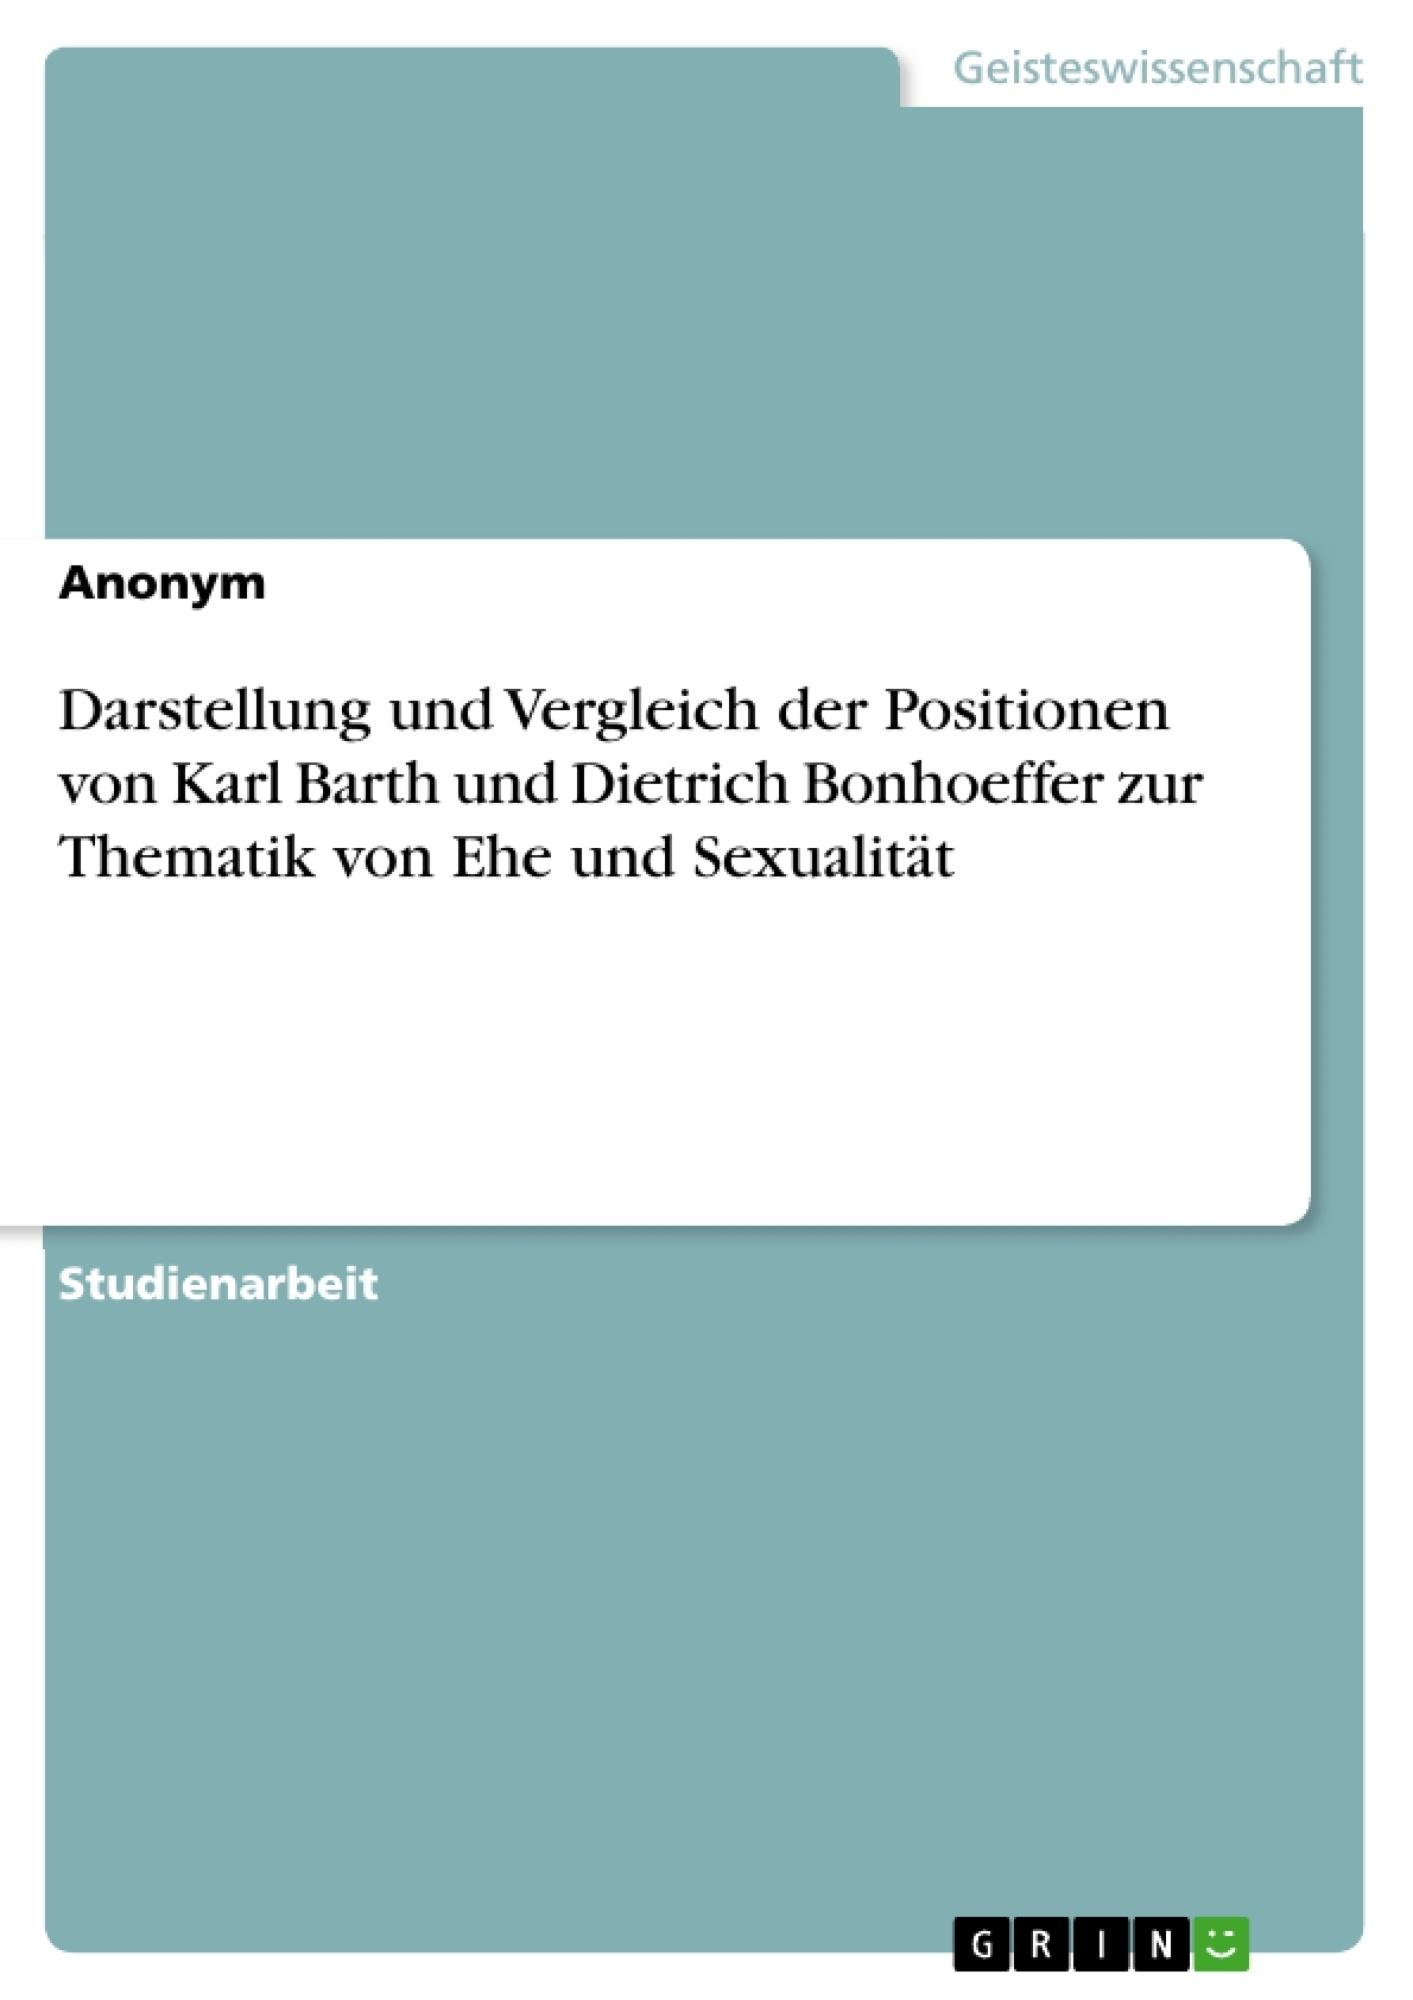 Titel: Darstellung und Vergleich der Positionen von Karl Barth und Dietrich Bonhoeffer zur Thematik von Ehe und Sexualität